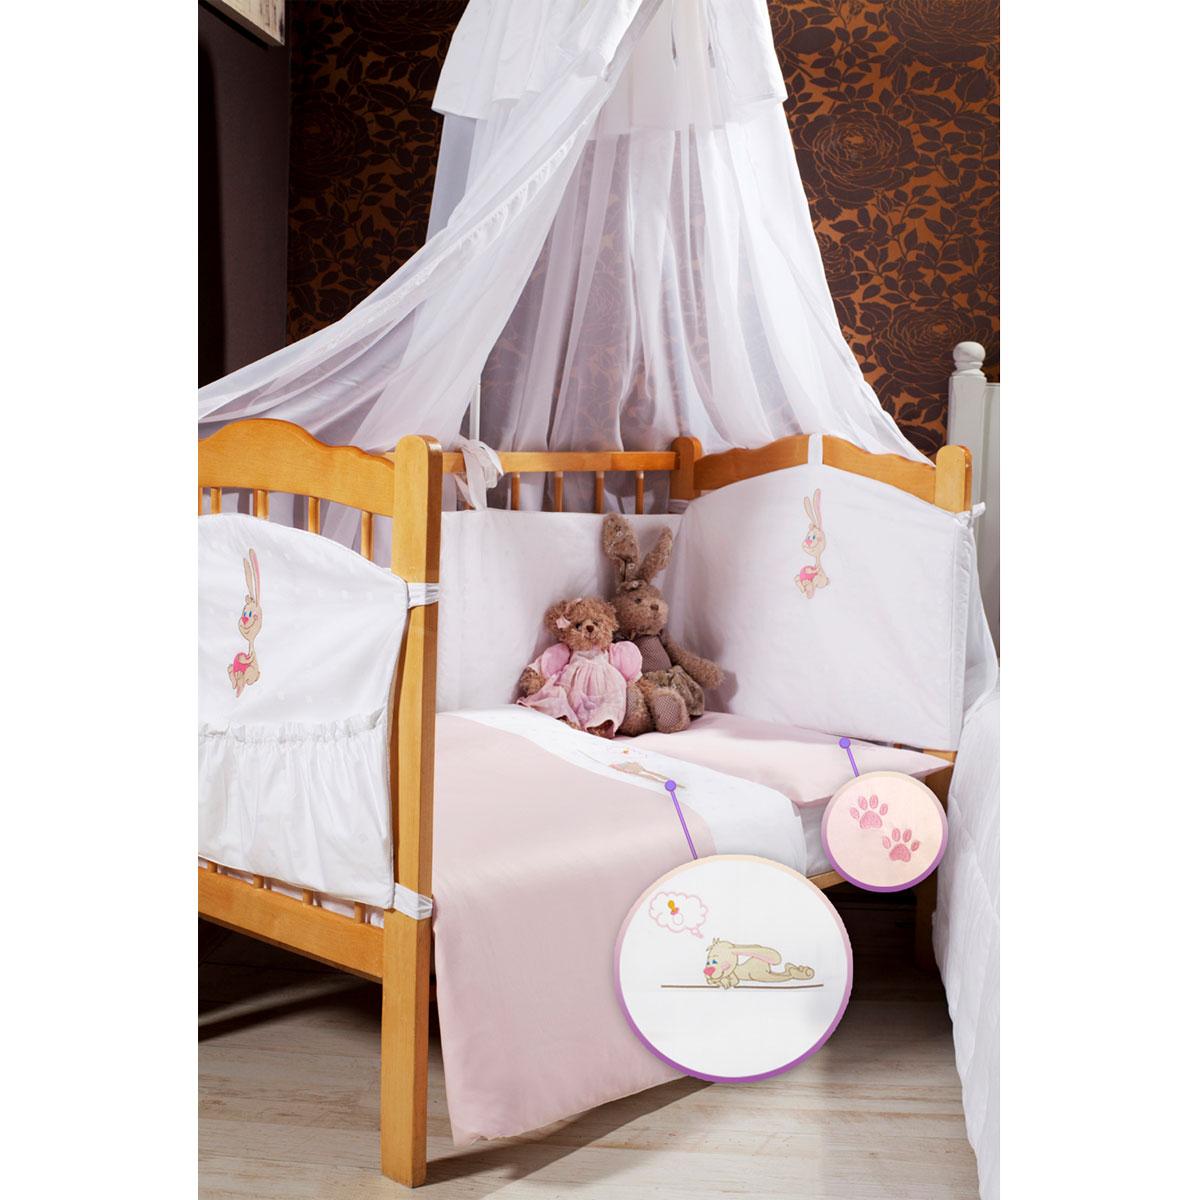 Детское постельное белье Primavelle Lovely (ясельный спальный КПБ, хлопок, наволочка 42х62), цвет: розовый531-105Детское постельное белье Primavelle Lovely прекрасно подойдет для вашего малыша. Текстиль произведен из 100% хлопка. При нанесении рисунка используются безопасные натуральные красители, не вызывающие аллергии. Гладкая структура делает ткань приятной на ощупь, она прочная и хорошо сохраняет форму, мало мнется и устойчива к частым стиркам. Комплект состоит из наволочки, простыни на резинке и пододеяльника. Яркий рисунок непременно понравится вашему ребенку.В комплект входят: Пододеяльник - 1 шт. Размер: 145 см х 115 см. Простыня - 1 шт. Размер: 120 см х 60 см. Наволочка - 1 шт. Размер: 42 см х 62 см.